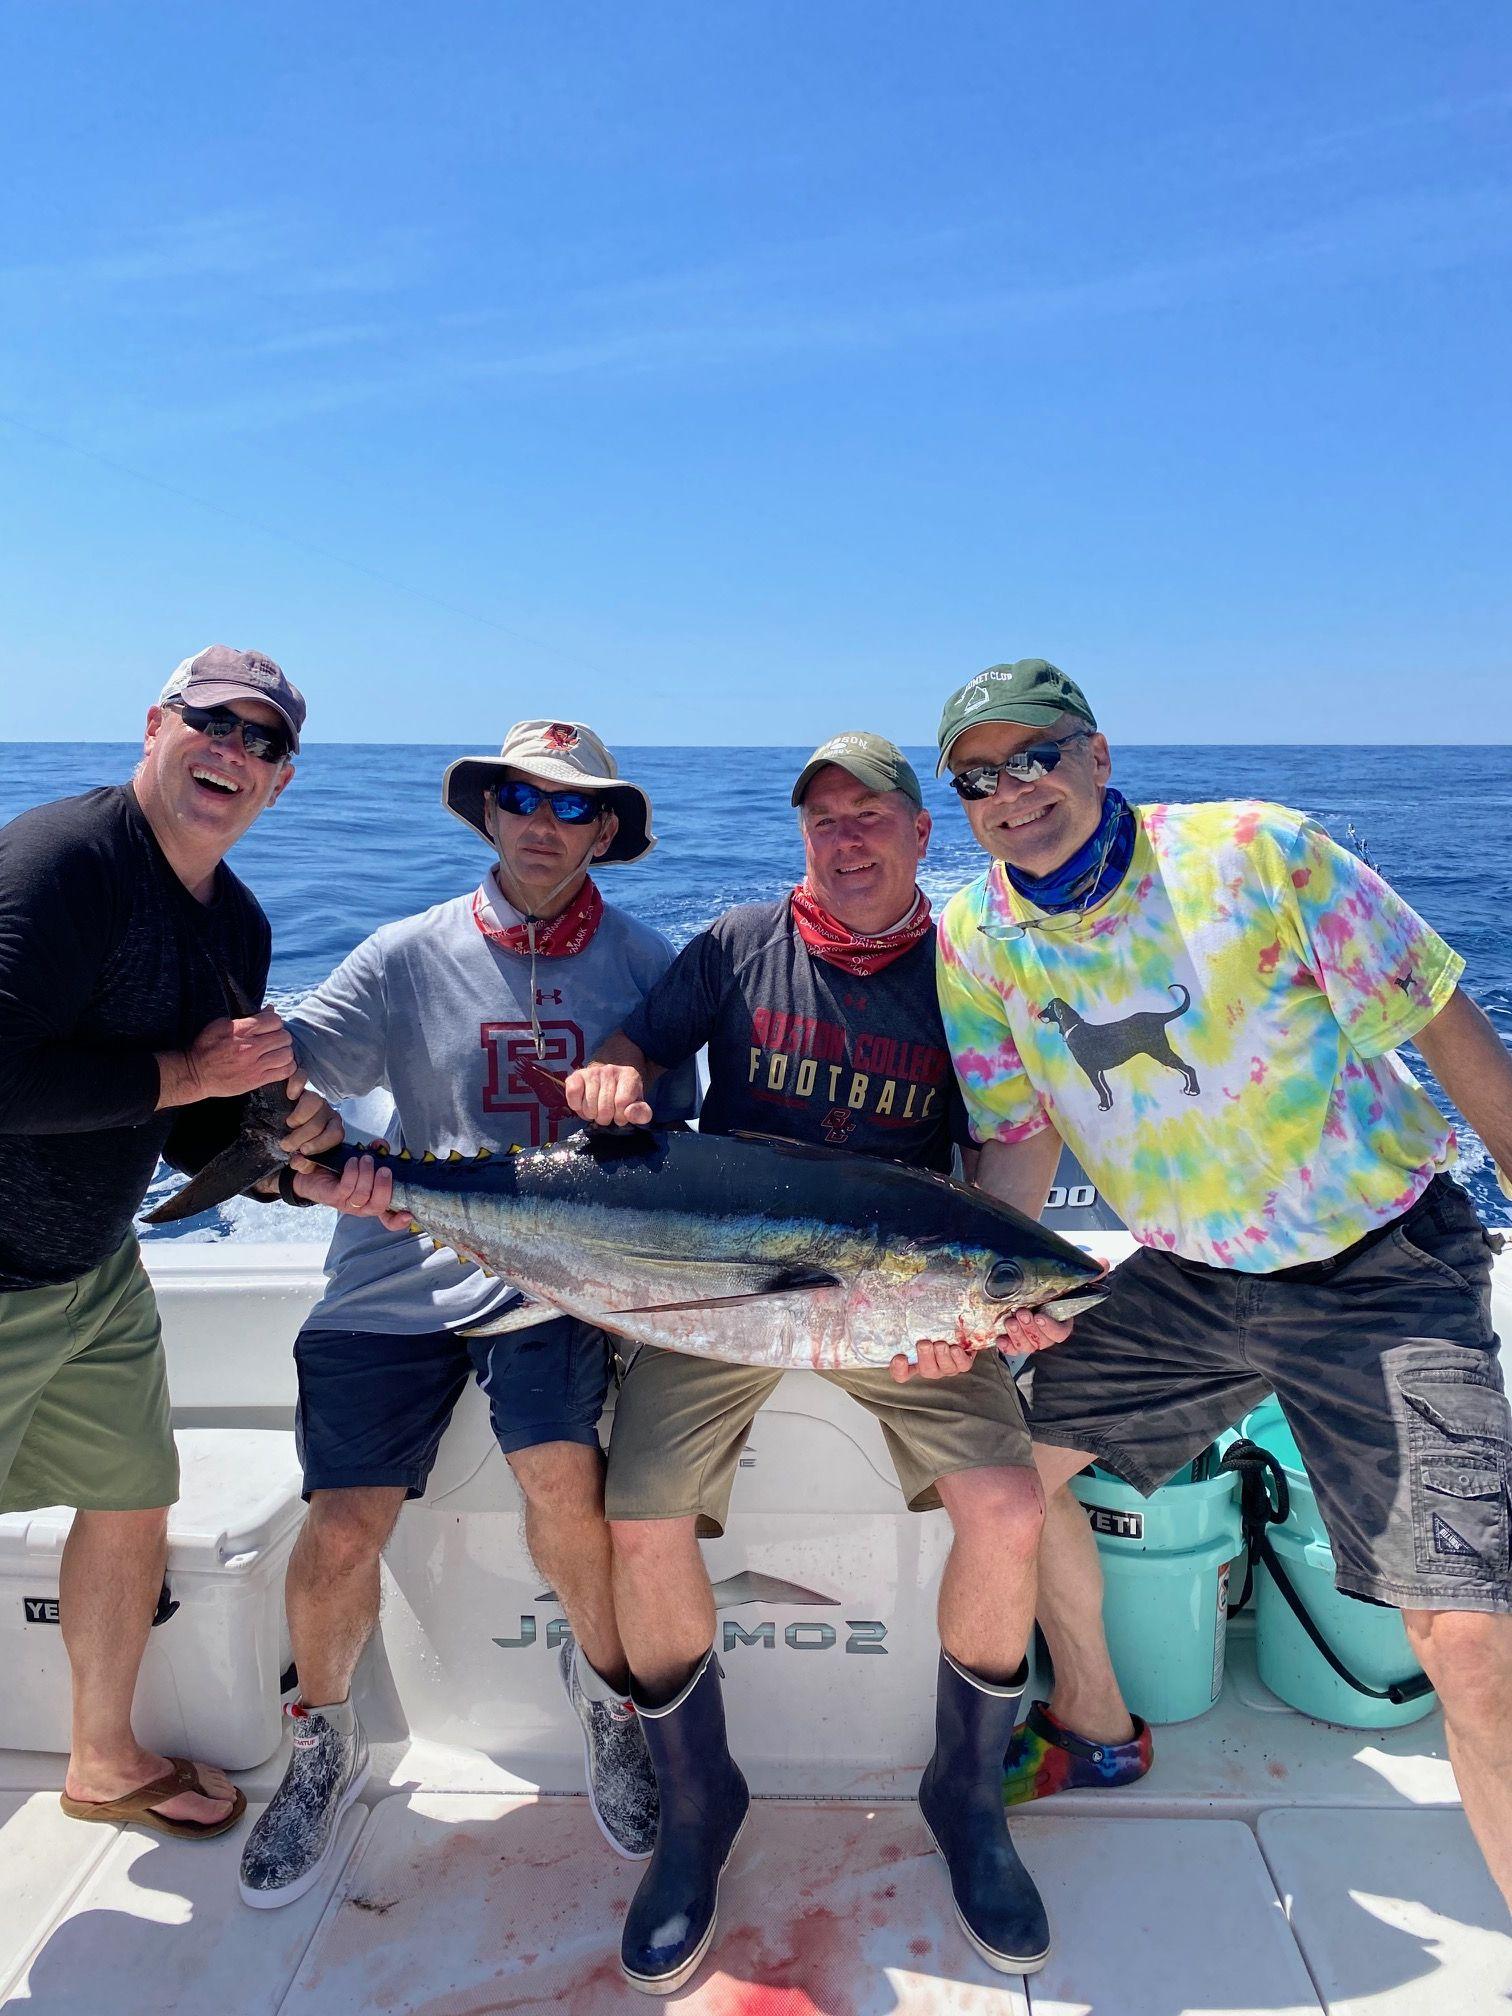 Jakamo Sportsfishing out fishing